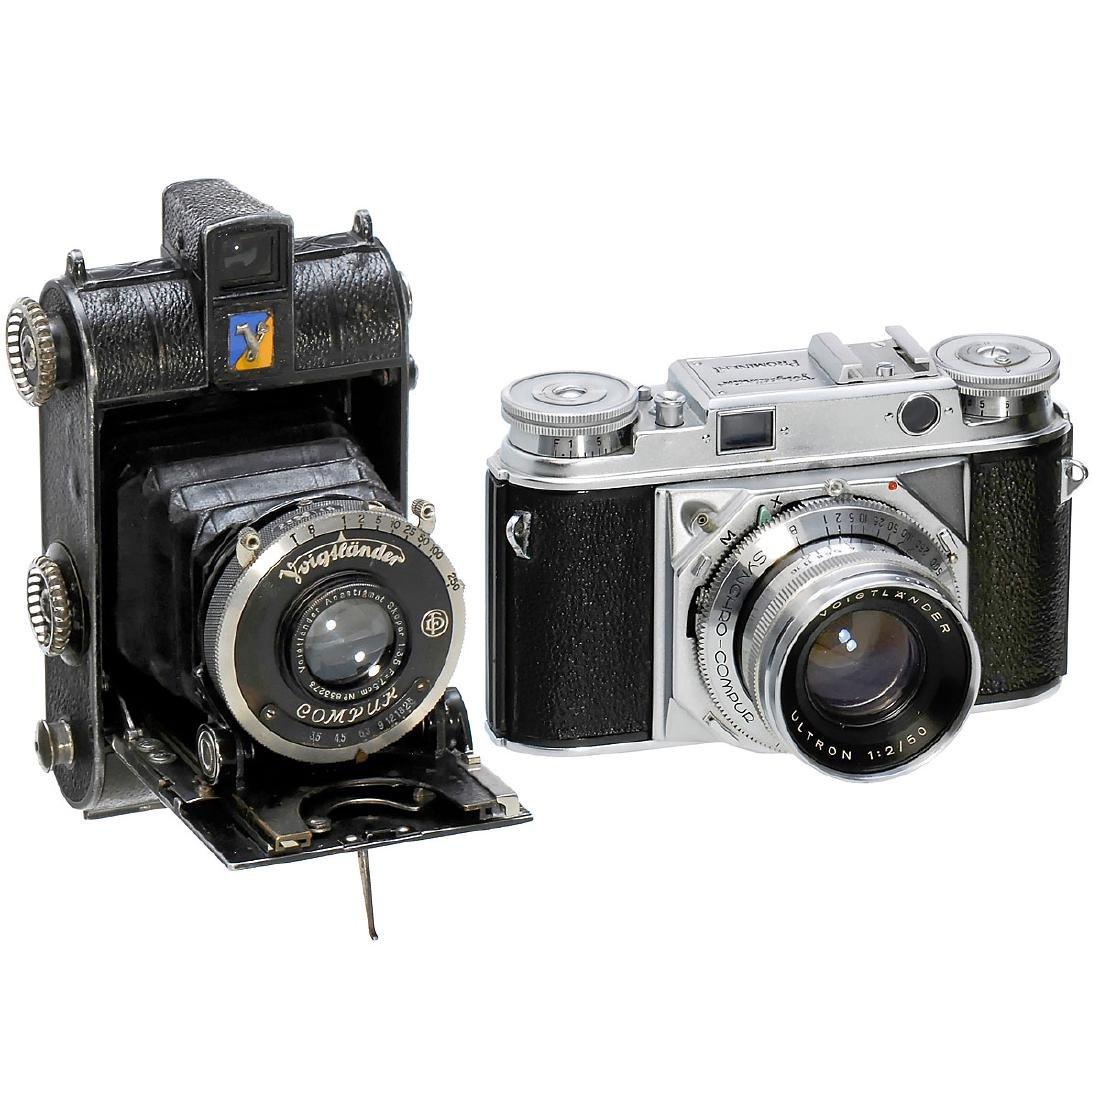 Voigtländer Prominent (35 mm) and Virtus